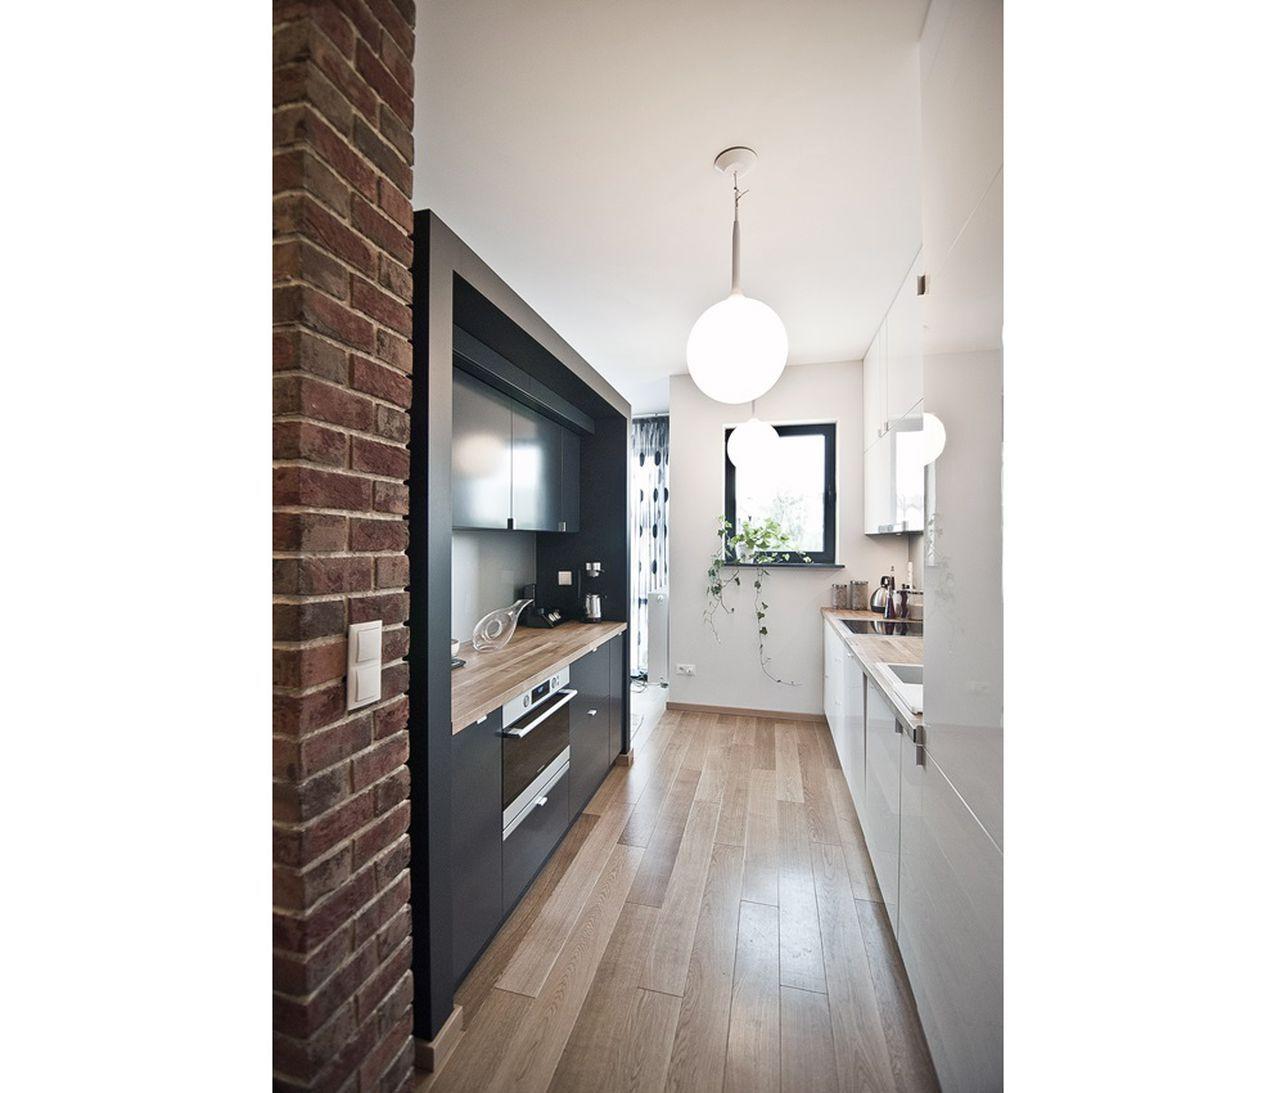 Szara Kuchnia Na 20 Sposobow Najciekawsze Projekty Architektow Small Kitchen Kitchen White Kitchen